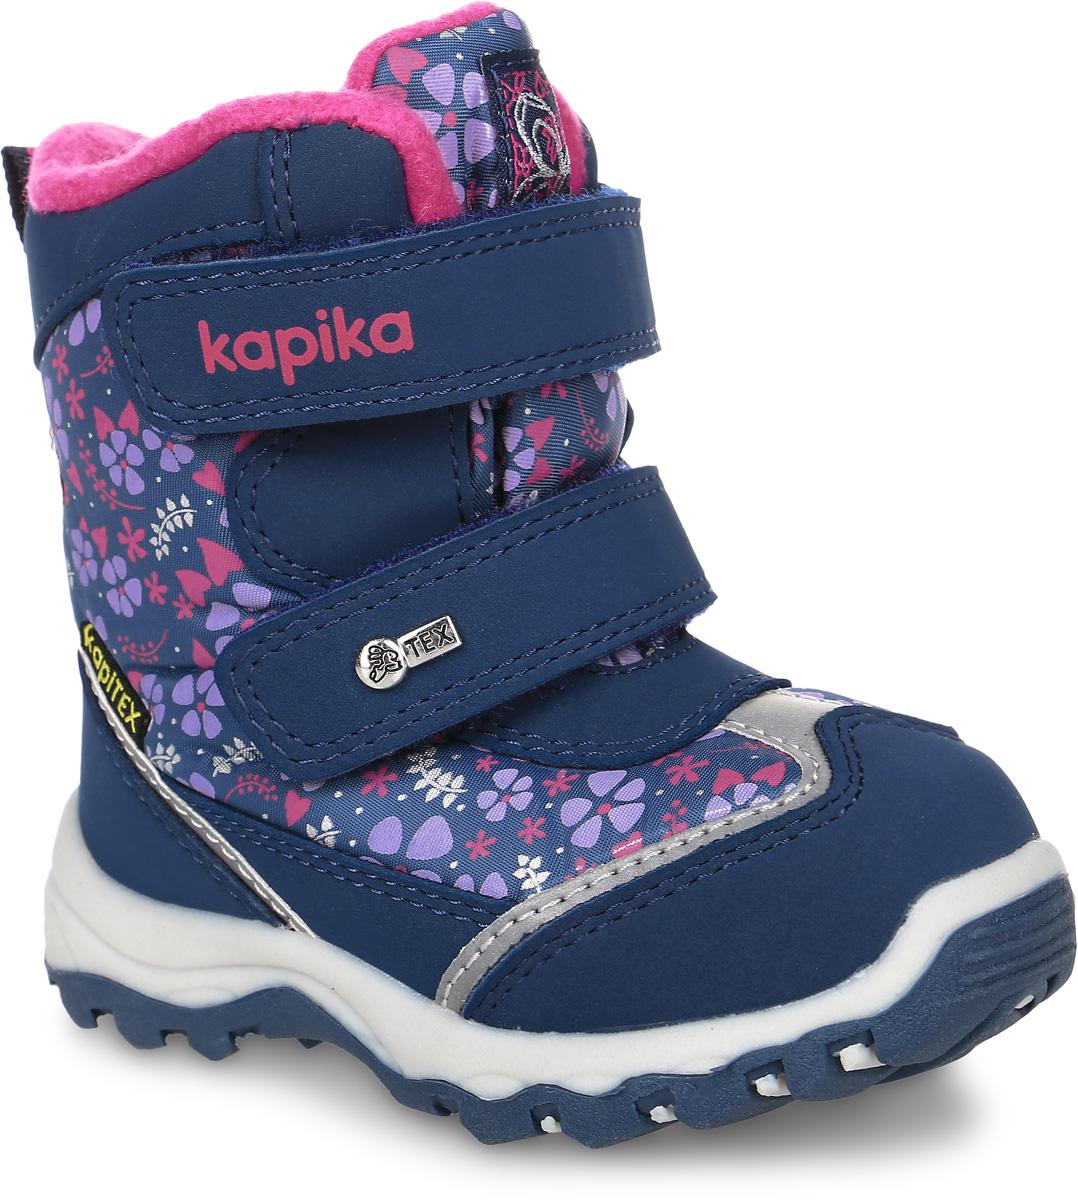 41134-2Ботинки от Kapika придутся по душе вашей девочке. Модель идеально подходит для зимы, сохраняет комфортный микроклимат в обуви как при ношении на улице, так и в помещении. Верх обуви изготовлен из искусственной кожи со вставками из водонепроницаемого текстиля, оформленного нежным цветочным принтом, боковая сторона, язычок, задник и ремешки оформлены фирменным логотипом бренда. Два ремешка на застежке-липучке надежно зафиксируют изделие на ноге. Подкладка и стелька изготовлены из натуральной шерсти, что позволяет сохранить тепло и гарантирует уют ногам. Подошва с рифлением обеспечивает идеальное сцепление с любыми поверхностями. Такие чудесные ботинки займут достойное место в гардеробе вашего ребенка.